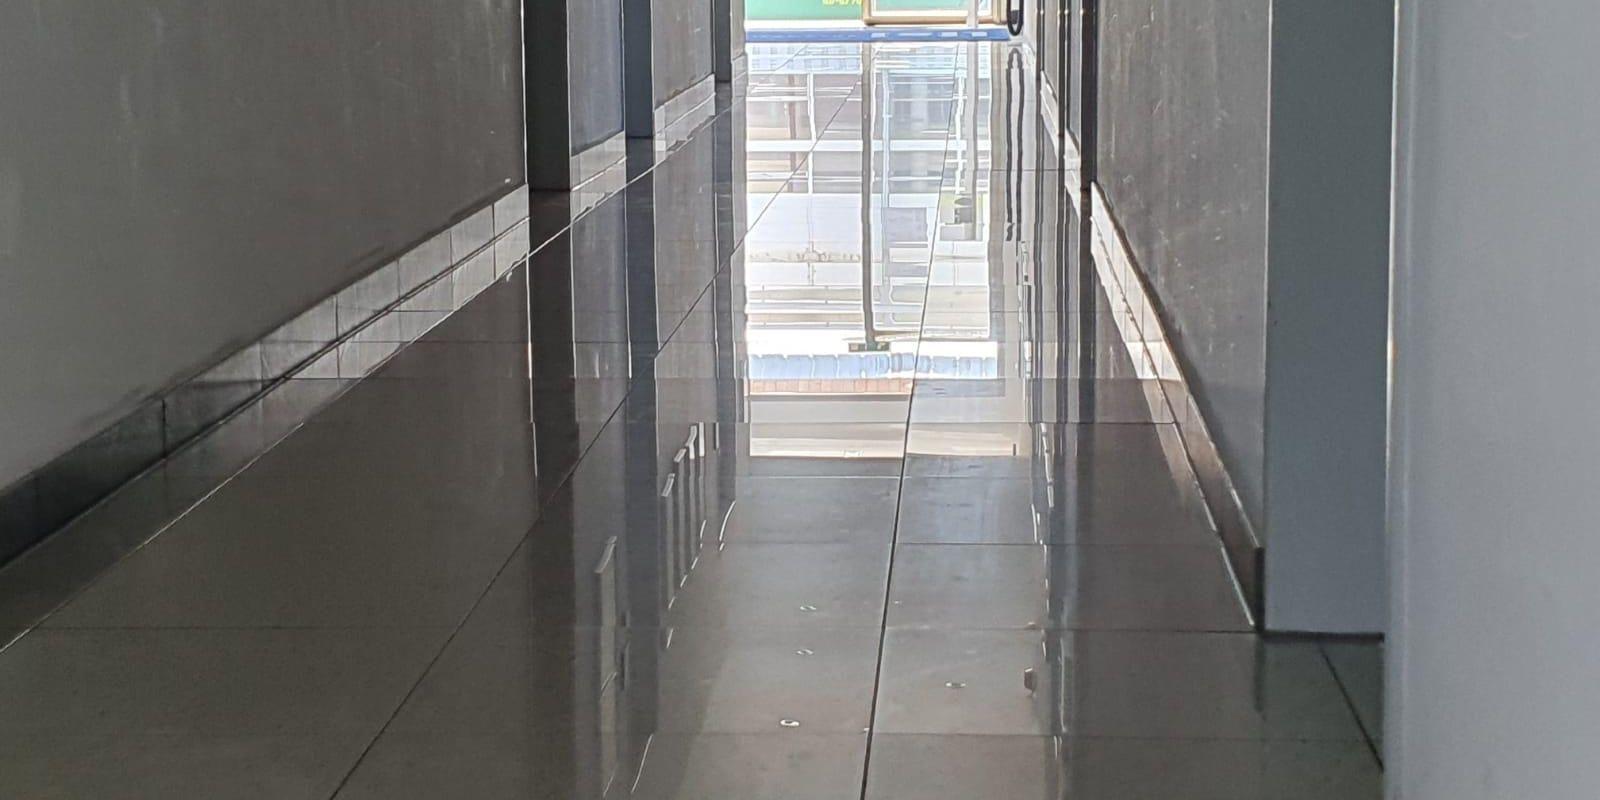 Hausmeisterservice in Weinheim Treppenhausreinigung in Weinheim Haushaltsreinigung in Weinheim Glas- & Gebäudereinigung in Weinheim Winterreinigung in Weinheim Reinigung Neubau in Weinheim Hausmeisterservice in Viernheim Treppenhausreinigung in Viernheim Haushaltsreinigung in Viernheim Glas- & Gebäudereinigung in Viernheim Winterreinigung in Viernheim Reinigung Neubau in Viernheim Hausmeisterservice in Heppenheim Treppenhausreinigung in Heppenheim Haushaltsreinigung in Heppenheim Glas- & Gebäudereinigung in Heppenheim Winterreinigung in Heppenheim Reinigung Neubau in Heppenheim KUTSOV Gebäudereinigung Ihre Spezialisten für Gebäudereinigung Holen Sie sich noch heute ein Angebot ein!